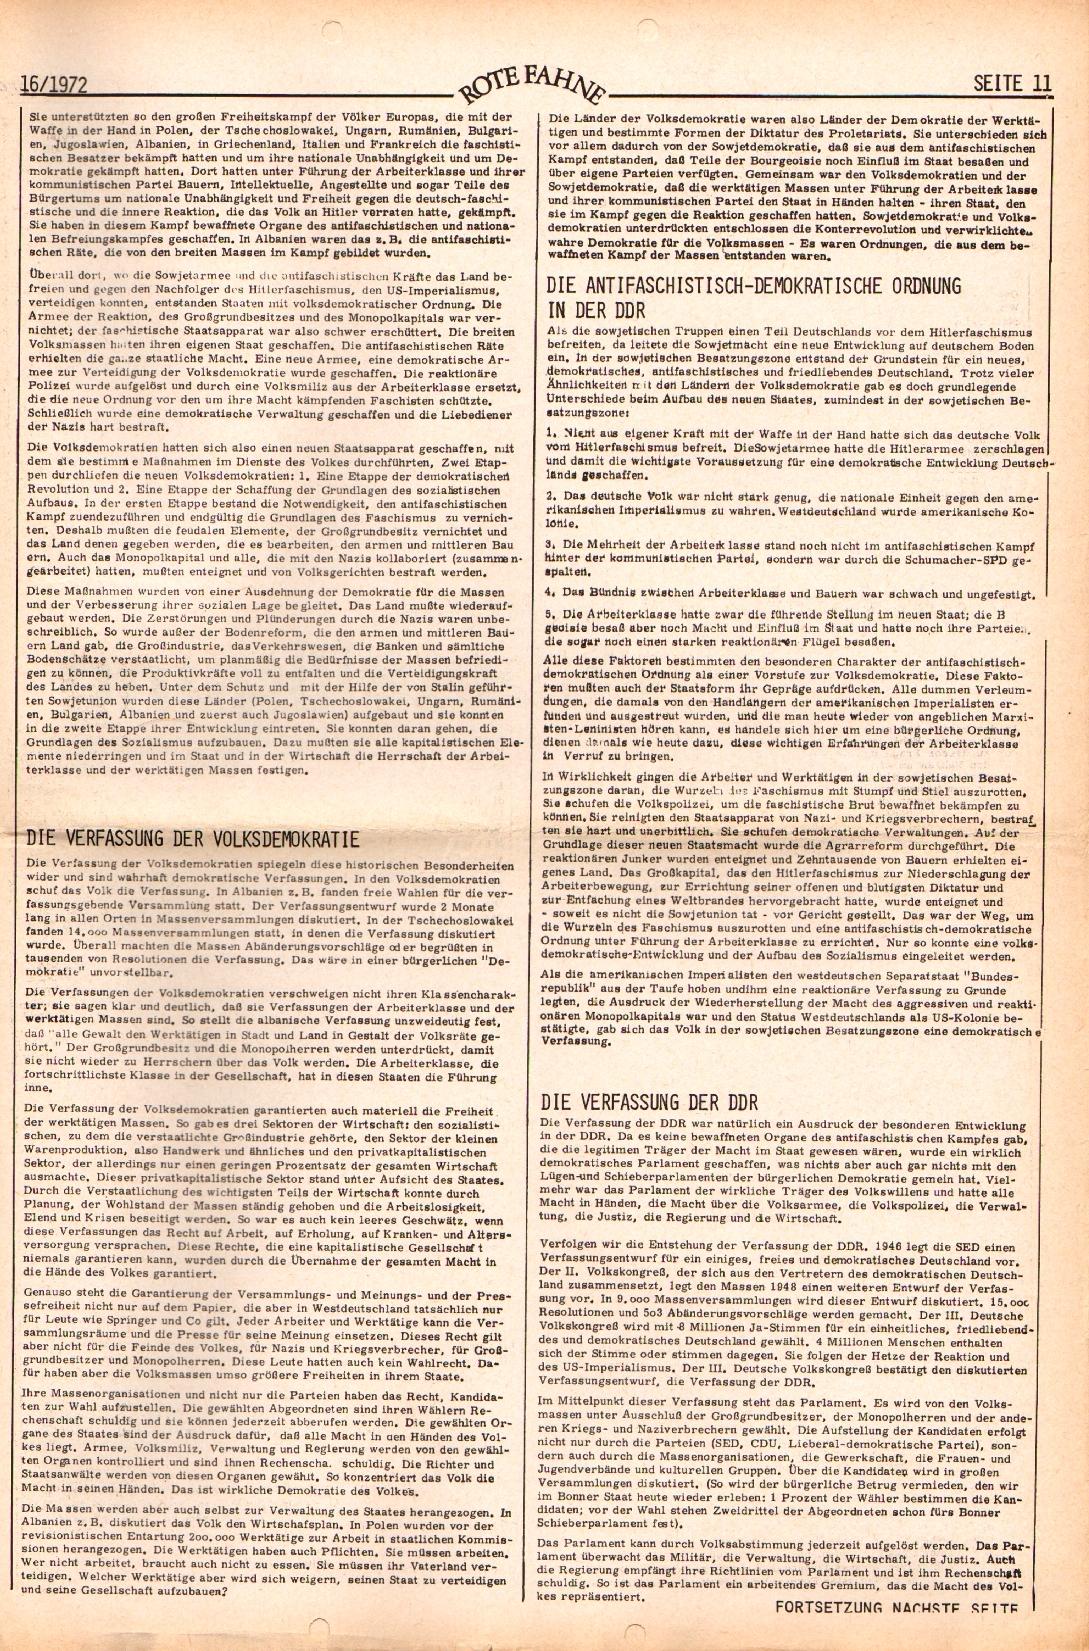 Rote Fahne, 3. Jg., 7.8.1972, Nr. 16, Seite 11